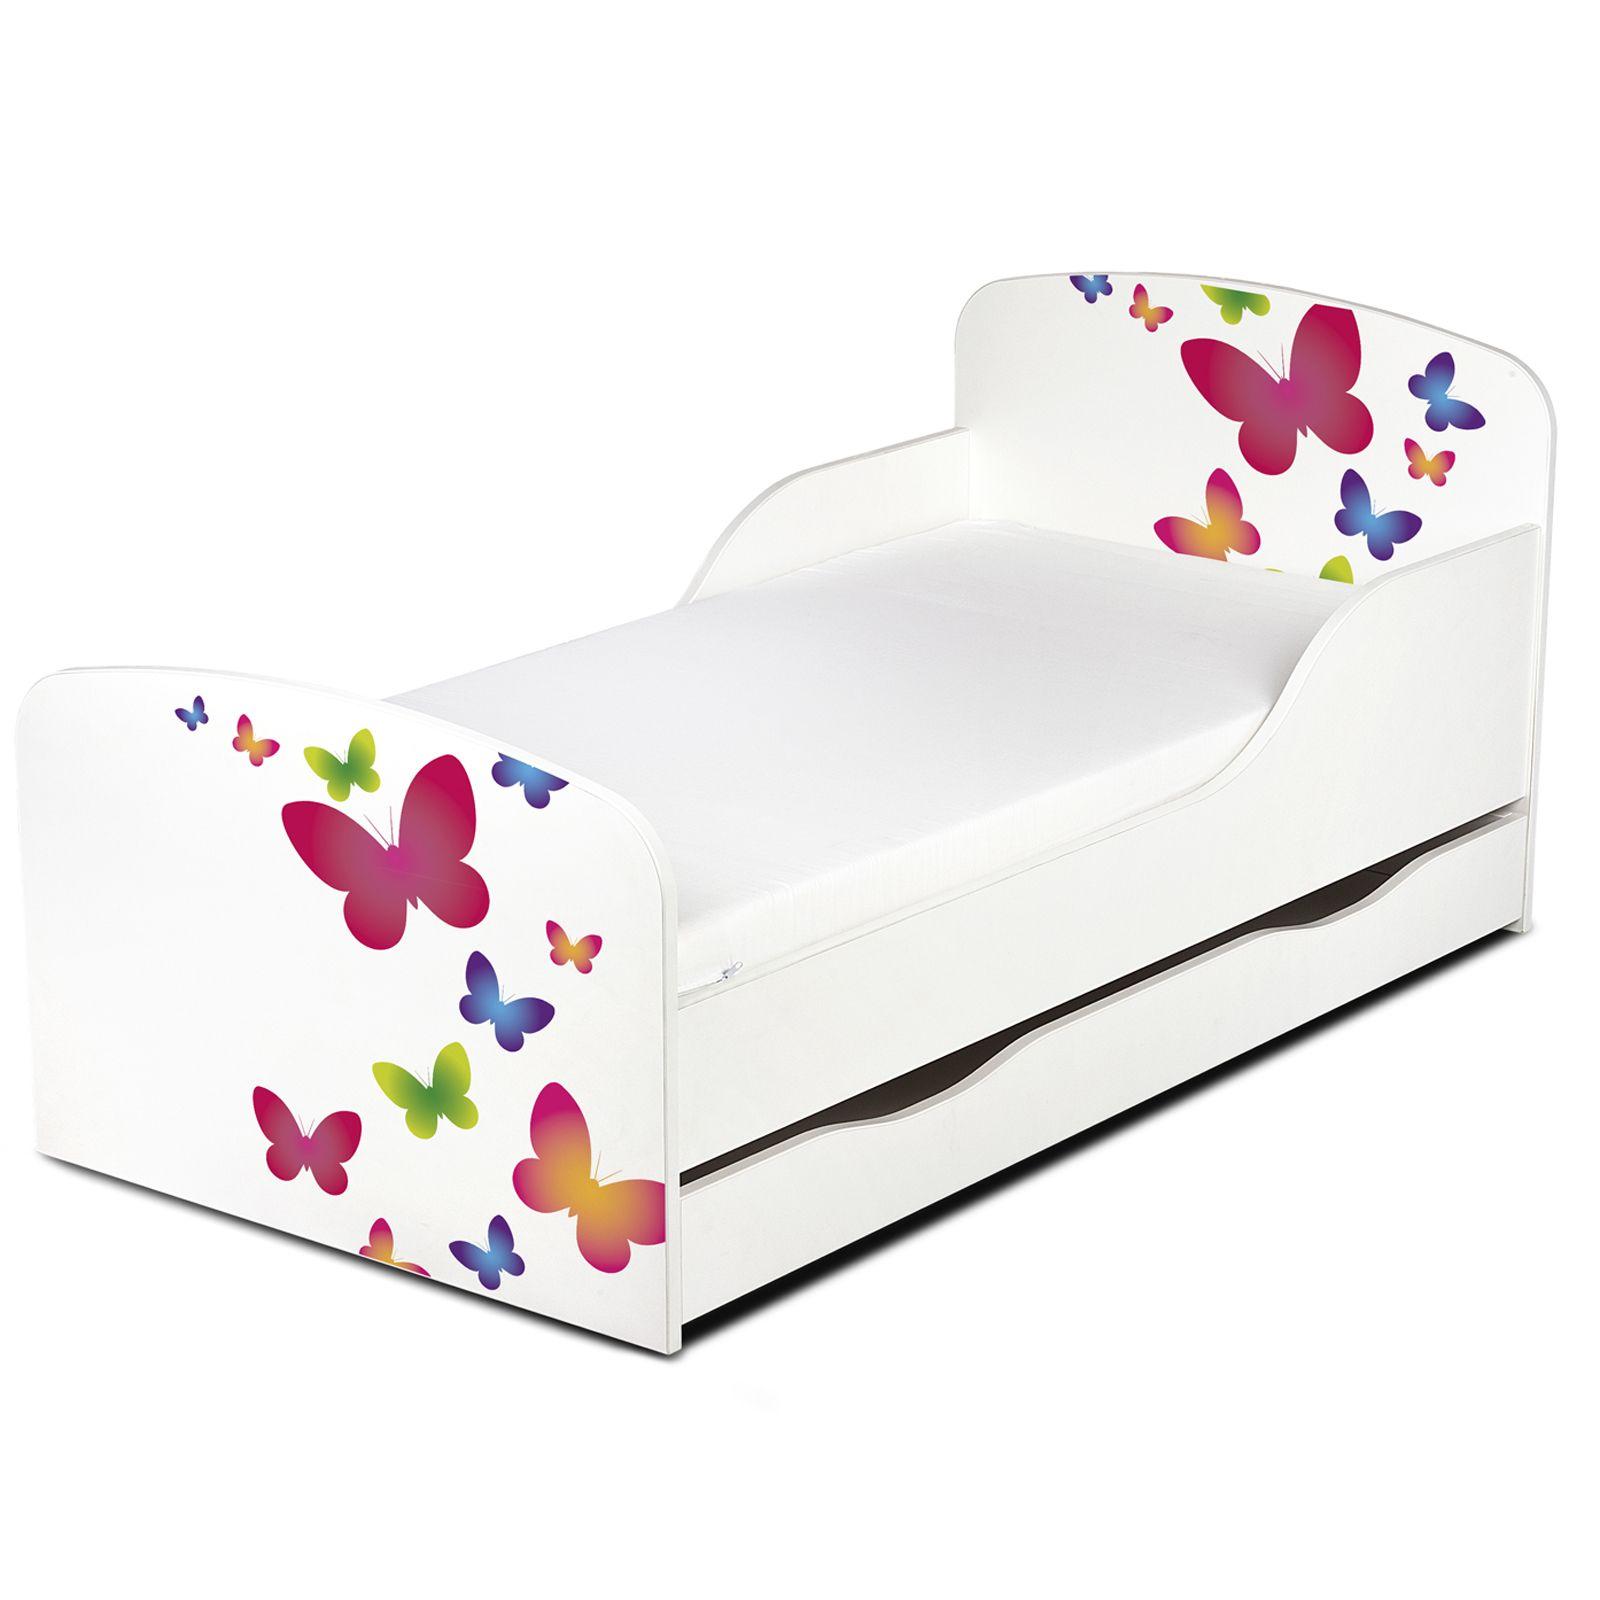 acheter notice de montage lit tiroir but. Black Bedroom Furniture Sets. Home Design Ideas